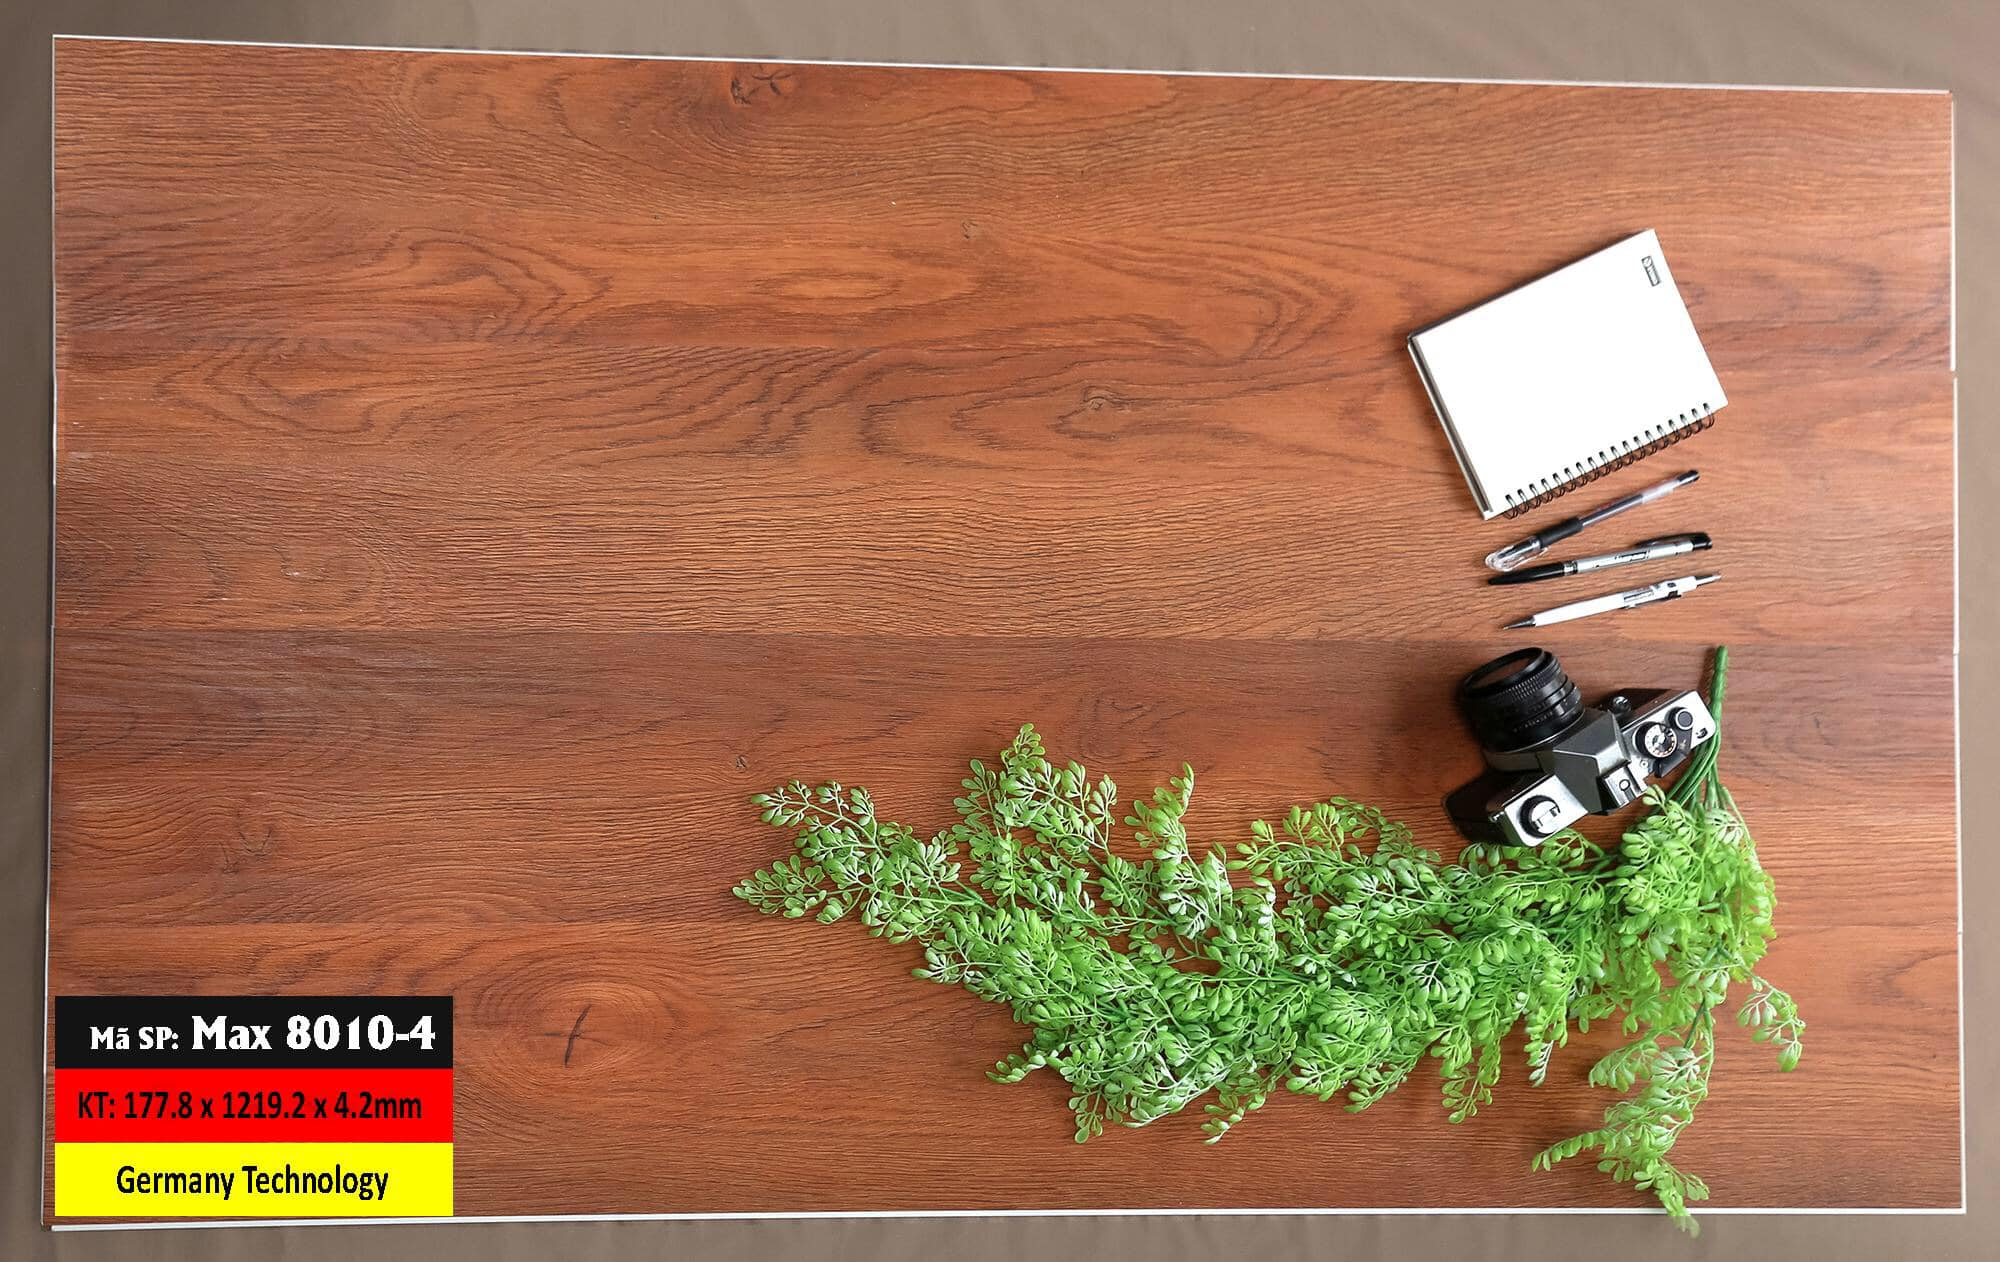 Sàn Nhựa Hèm Khóa Mã 8010-4 Germany